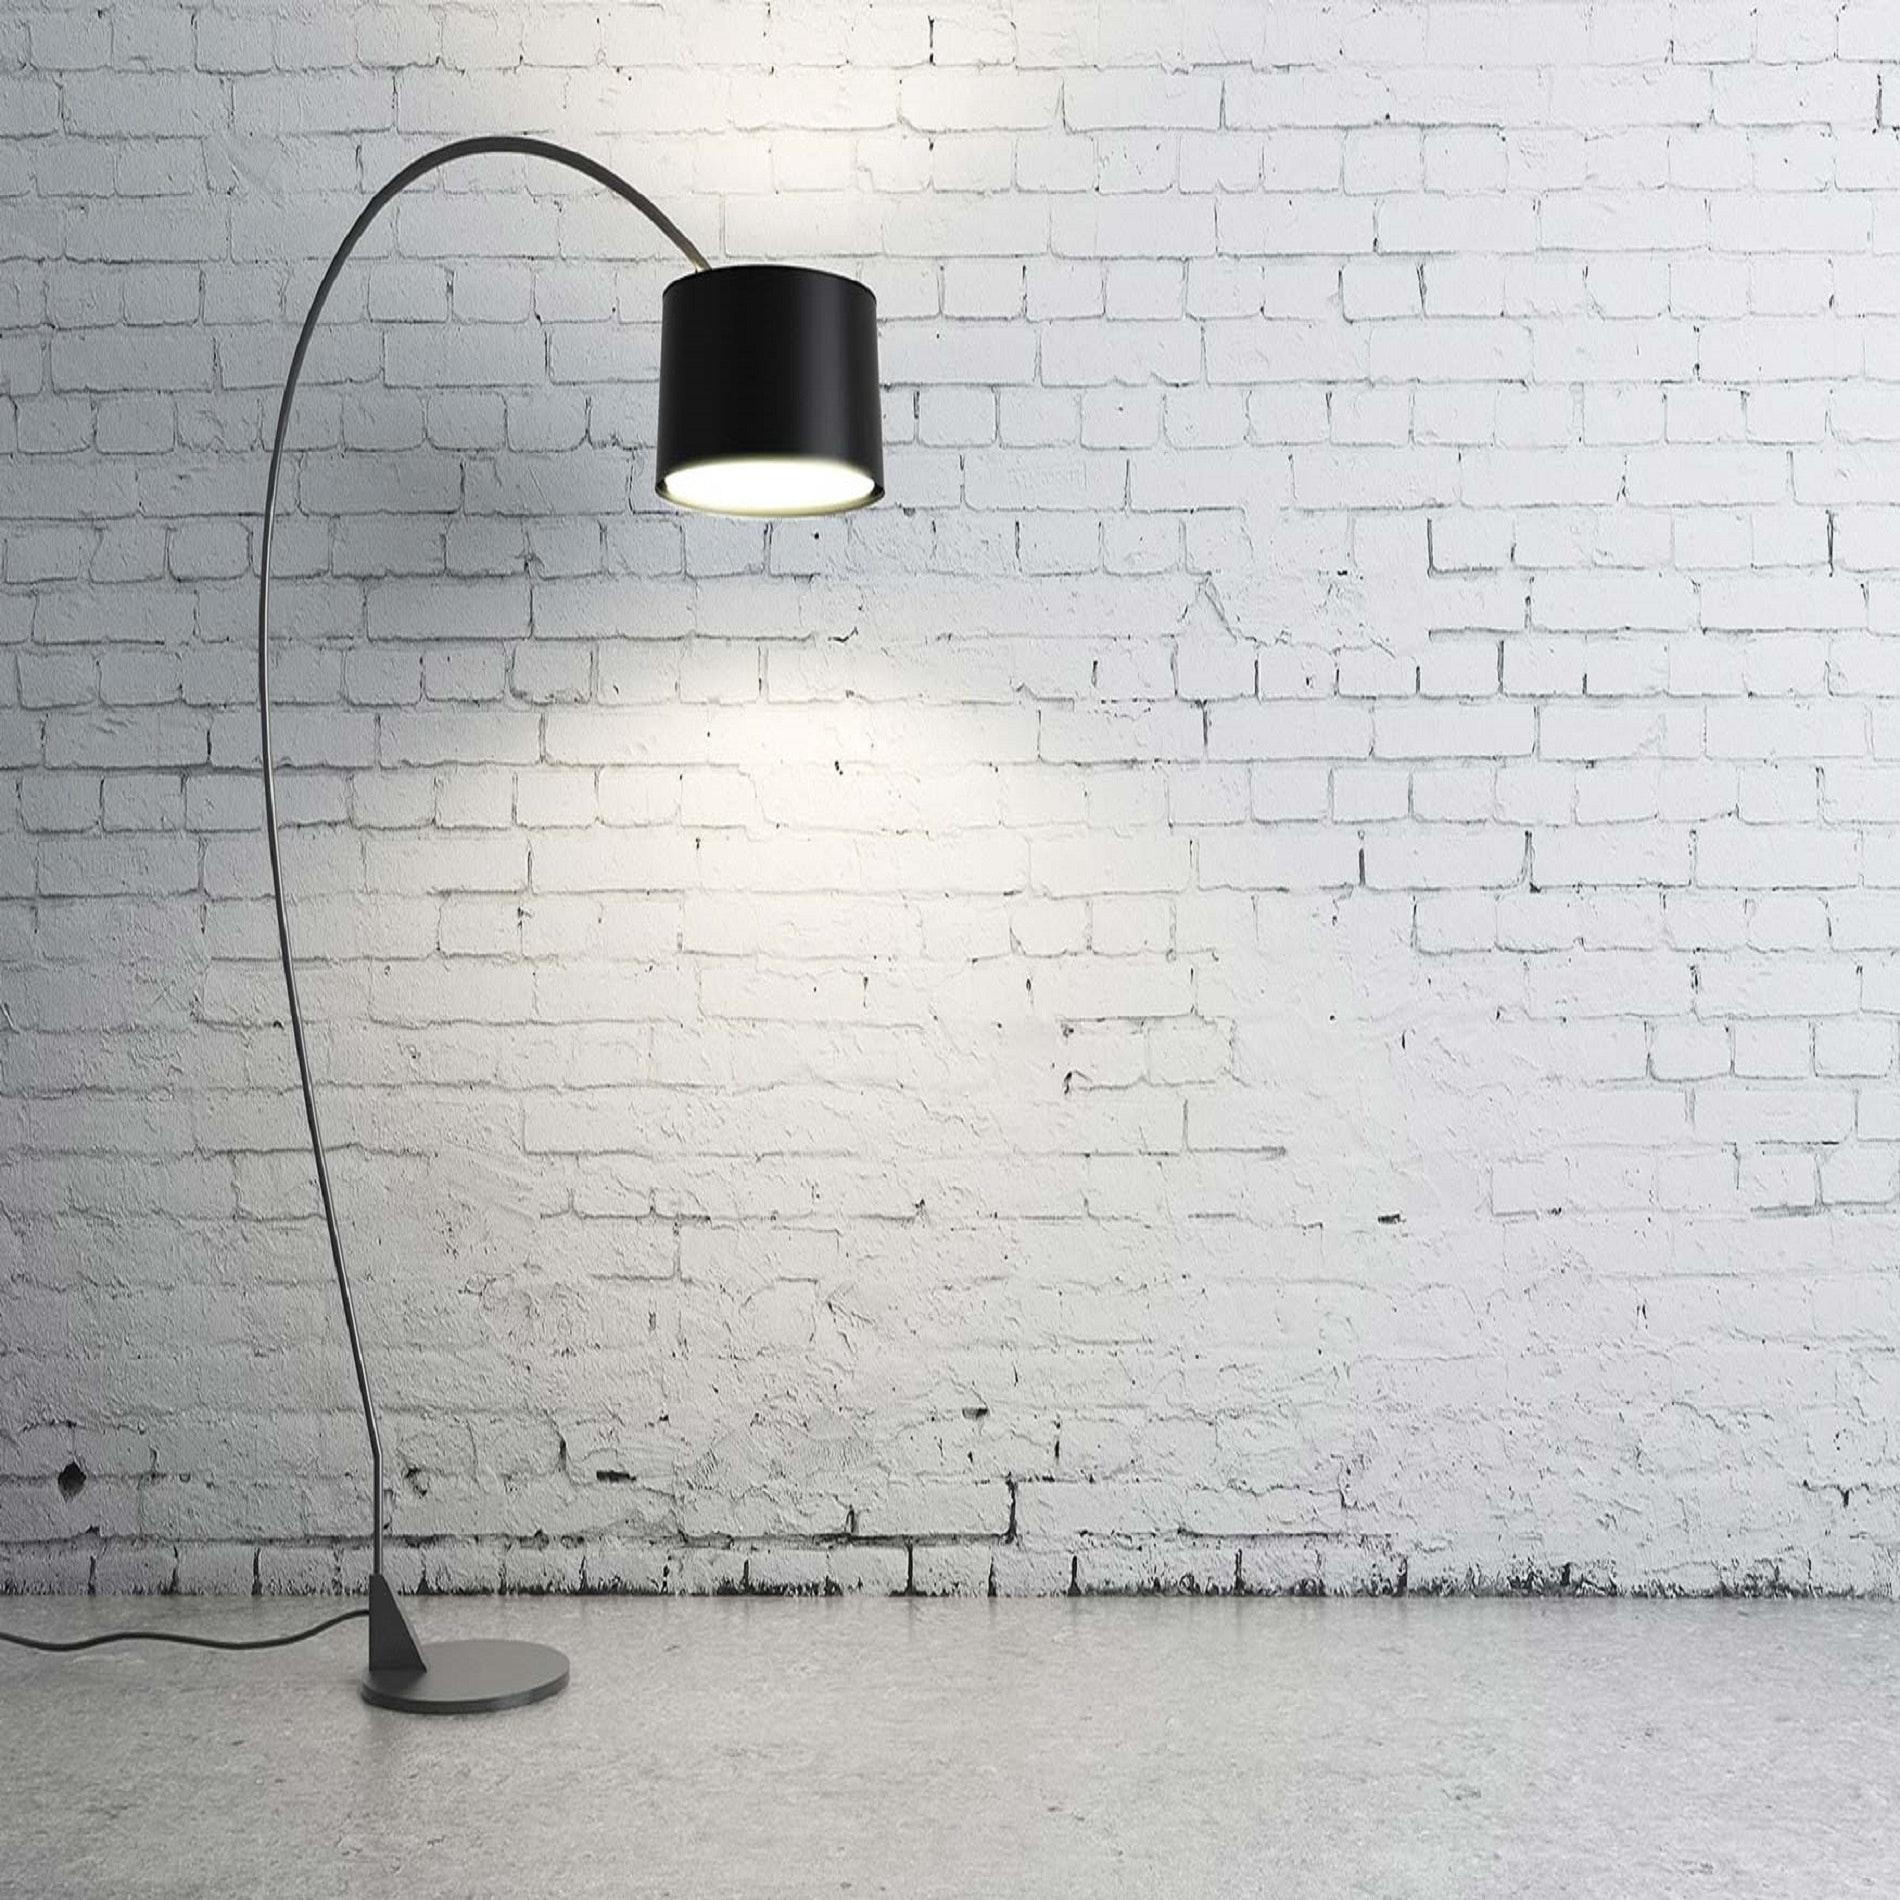 Ny indbygningslampe eller nye akustik lamper? Luminex A/S leverer varen